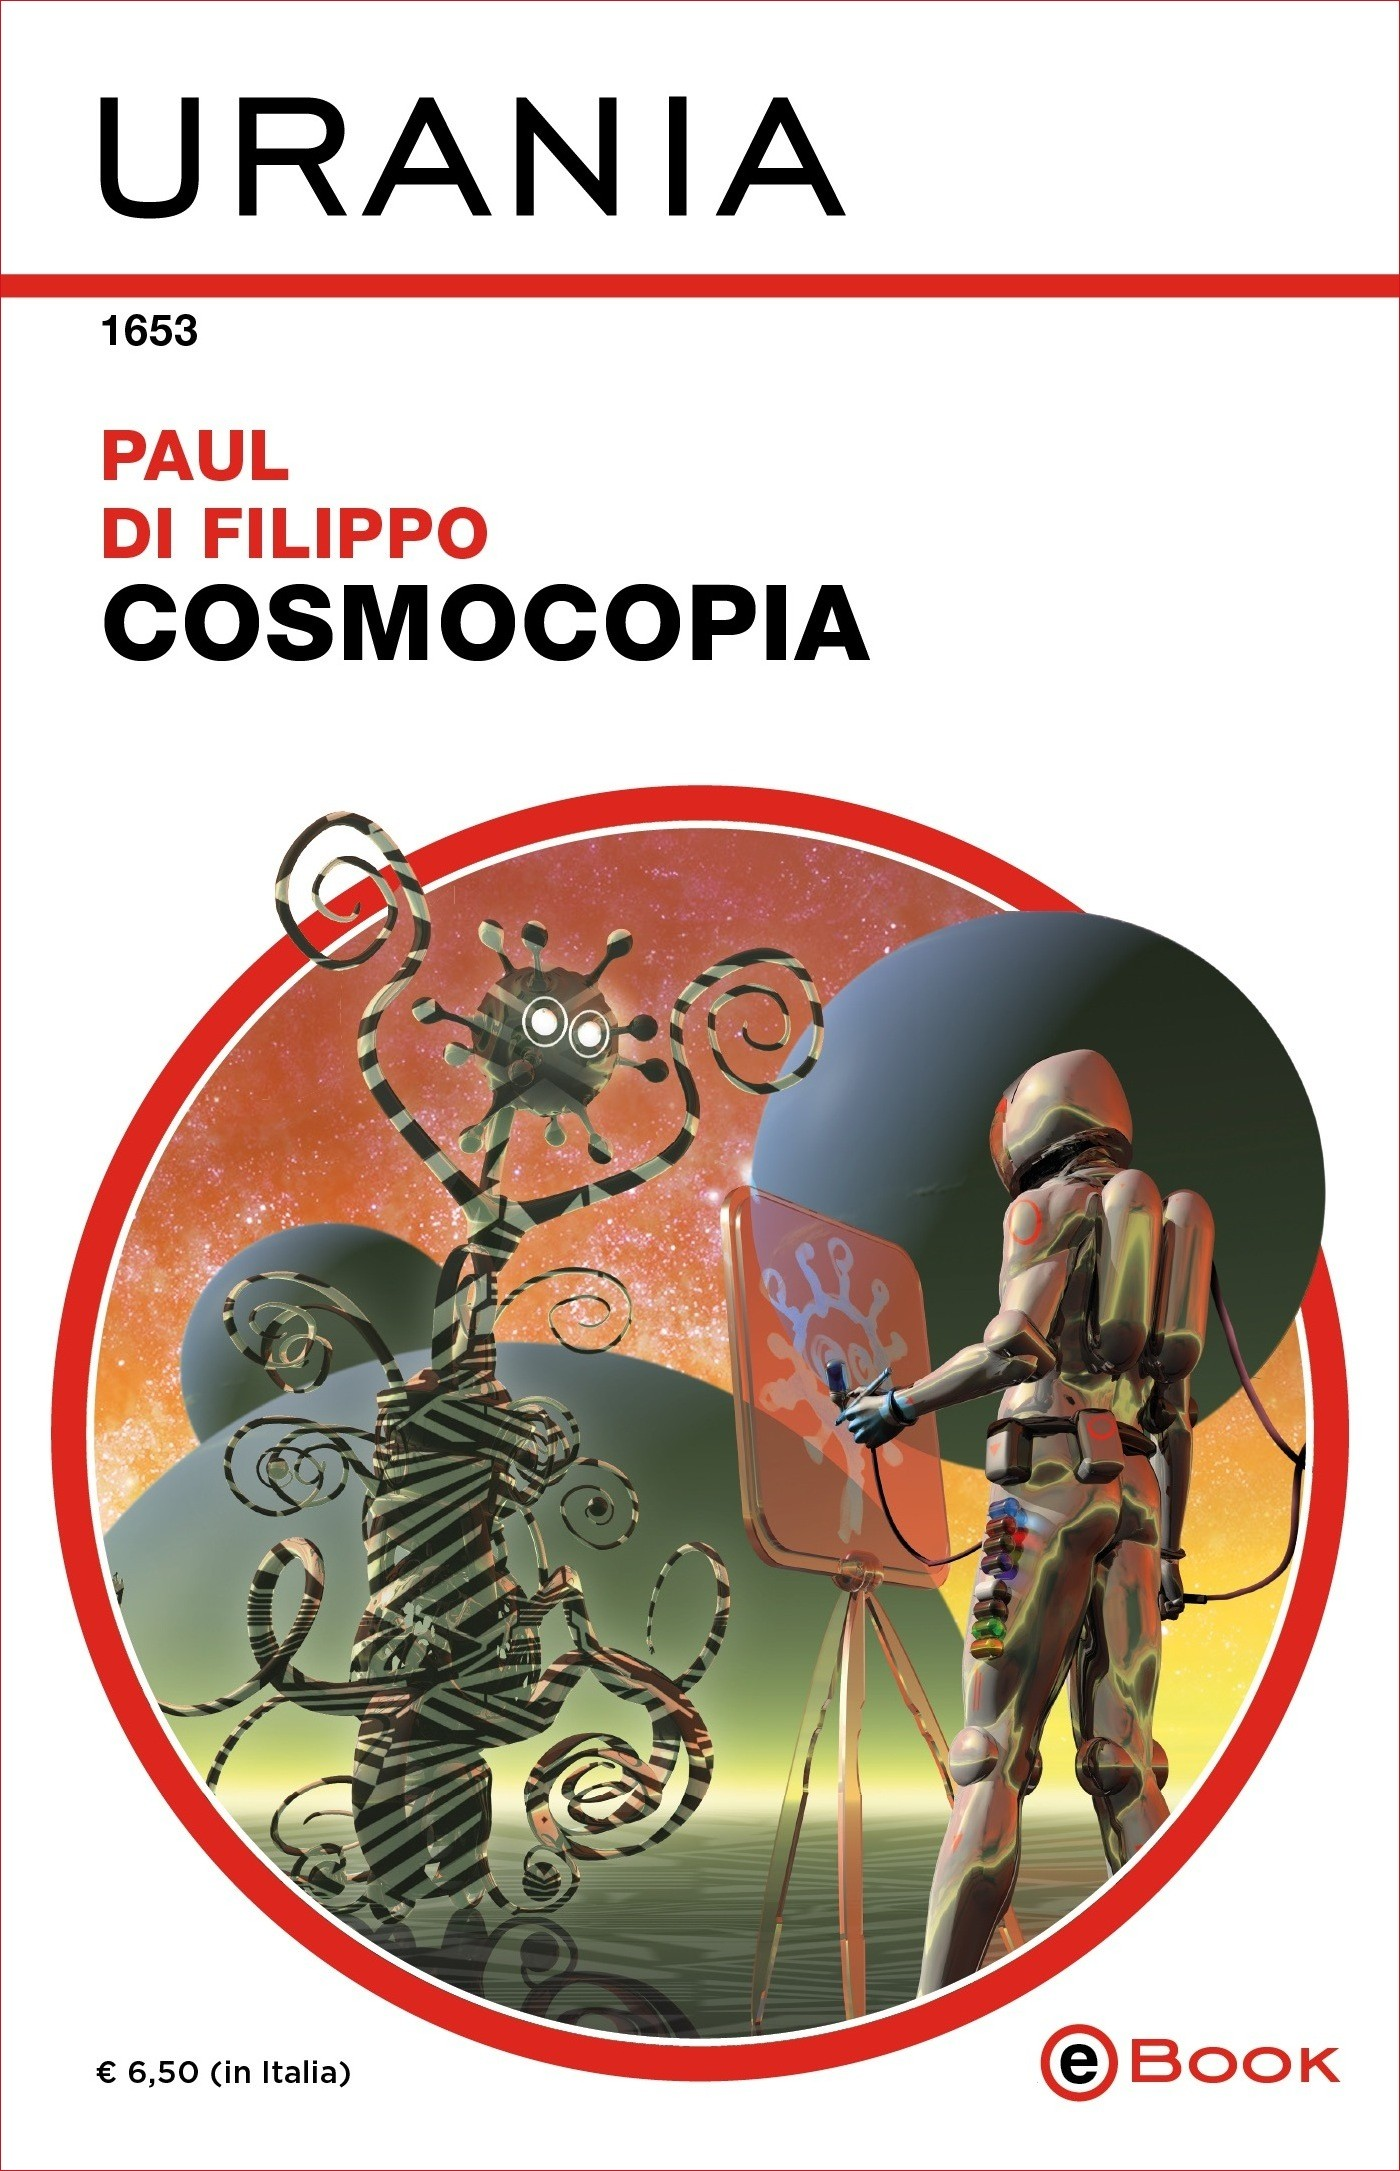 Cosmocopia, di Paul Di Filippo (Urania, 2018) 4 - fanzine